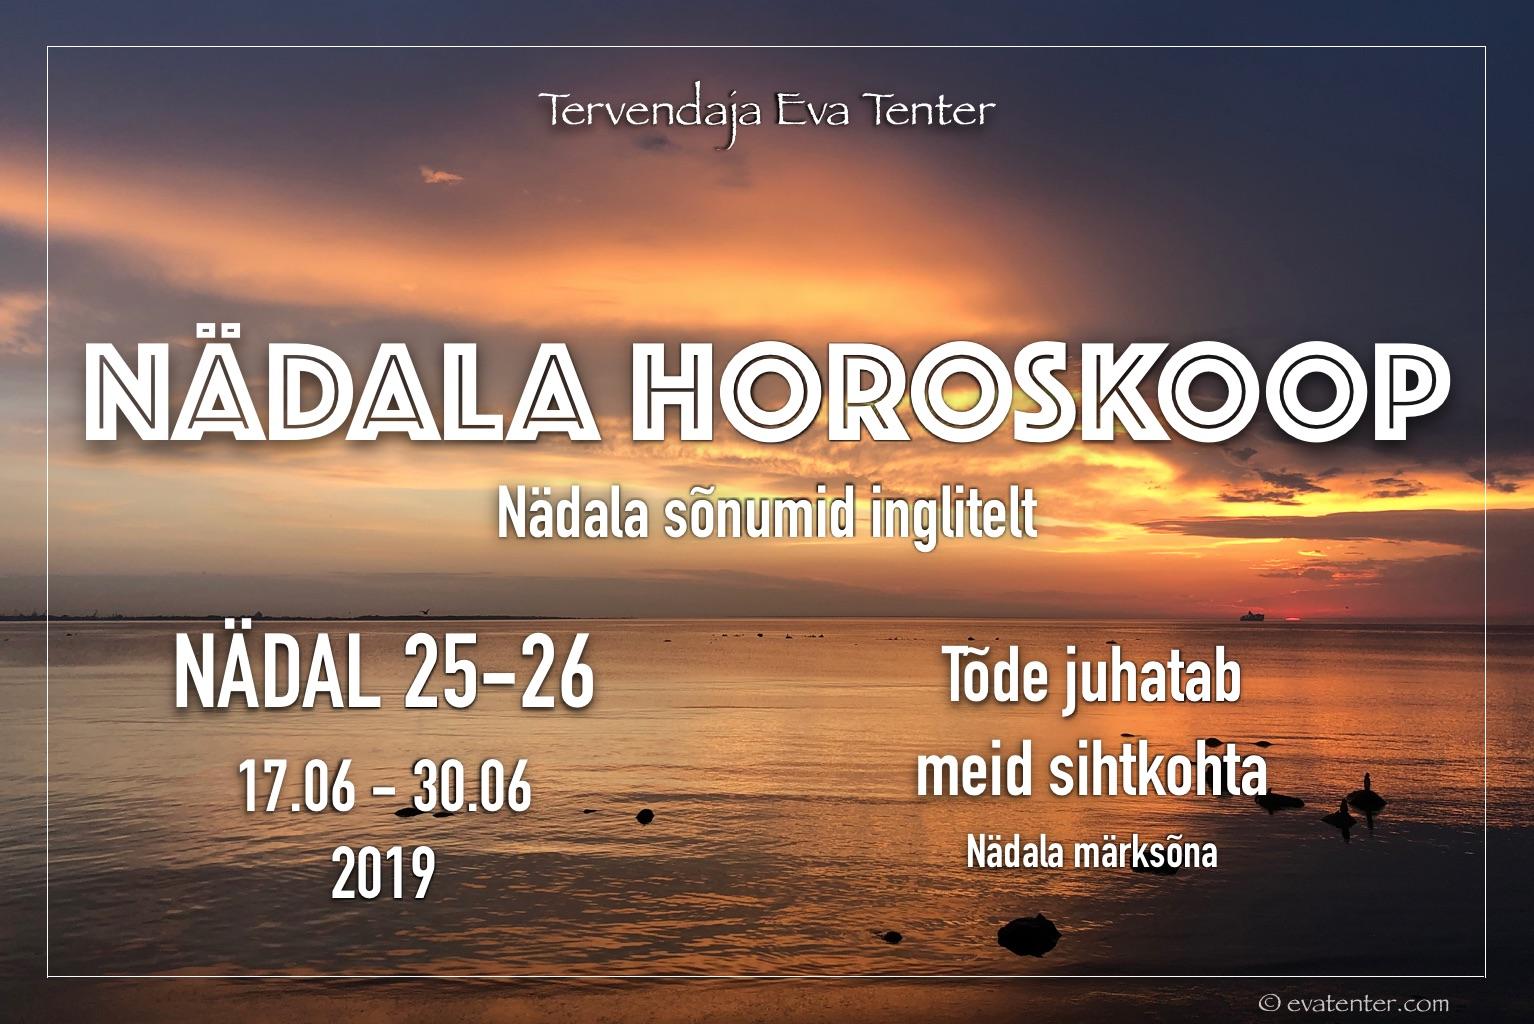 Nädala horoskoop 17.06-30.06.2019